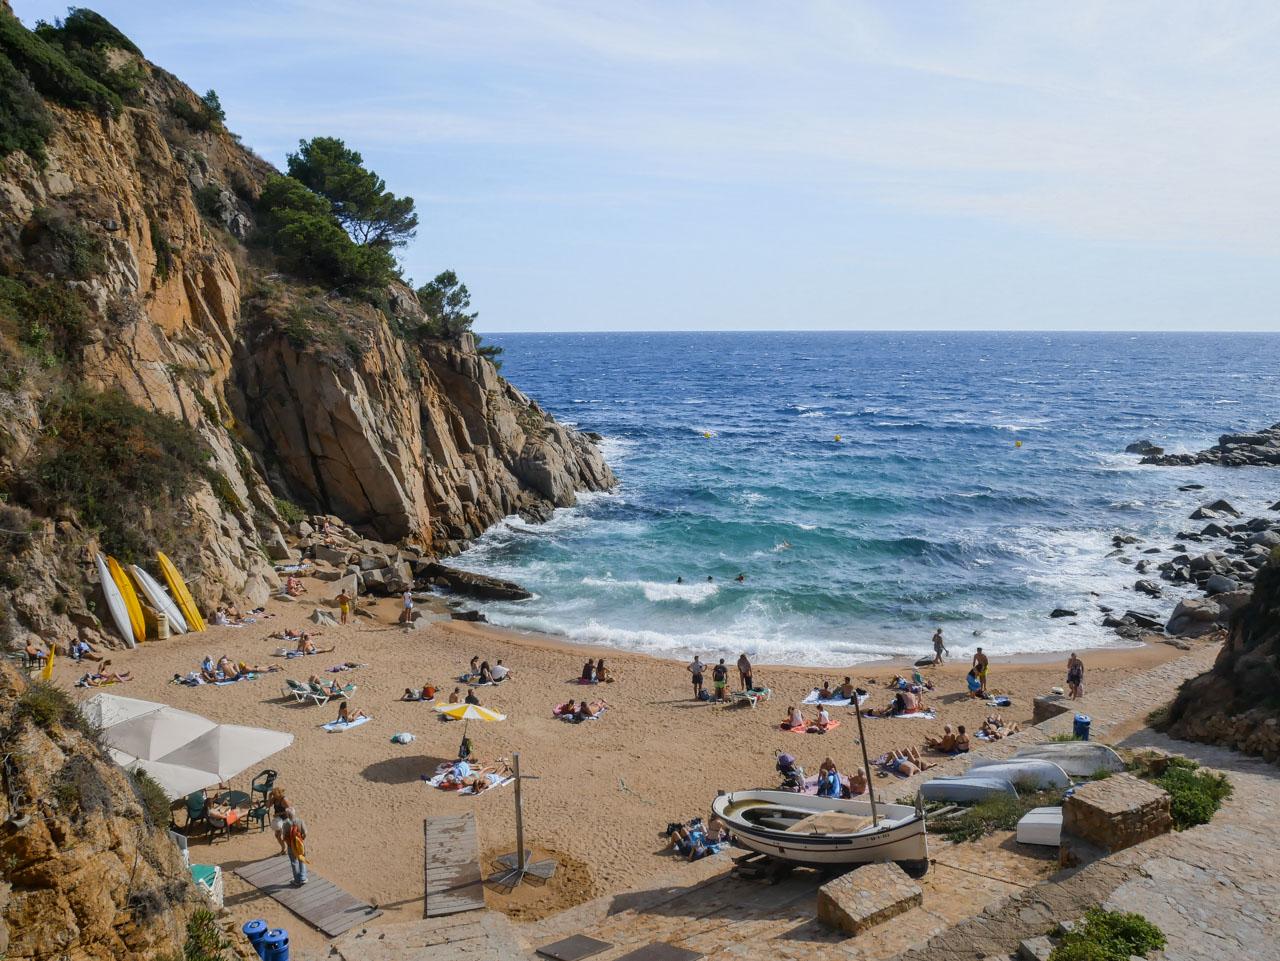 Petite plage à Tossa de Mar pour un week-end en Catalogne